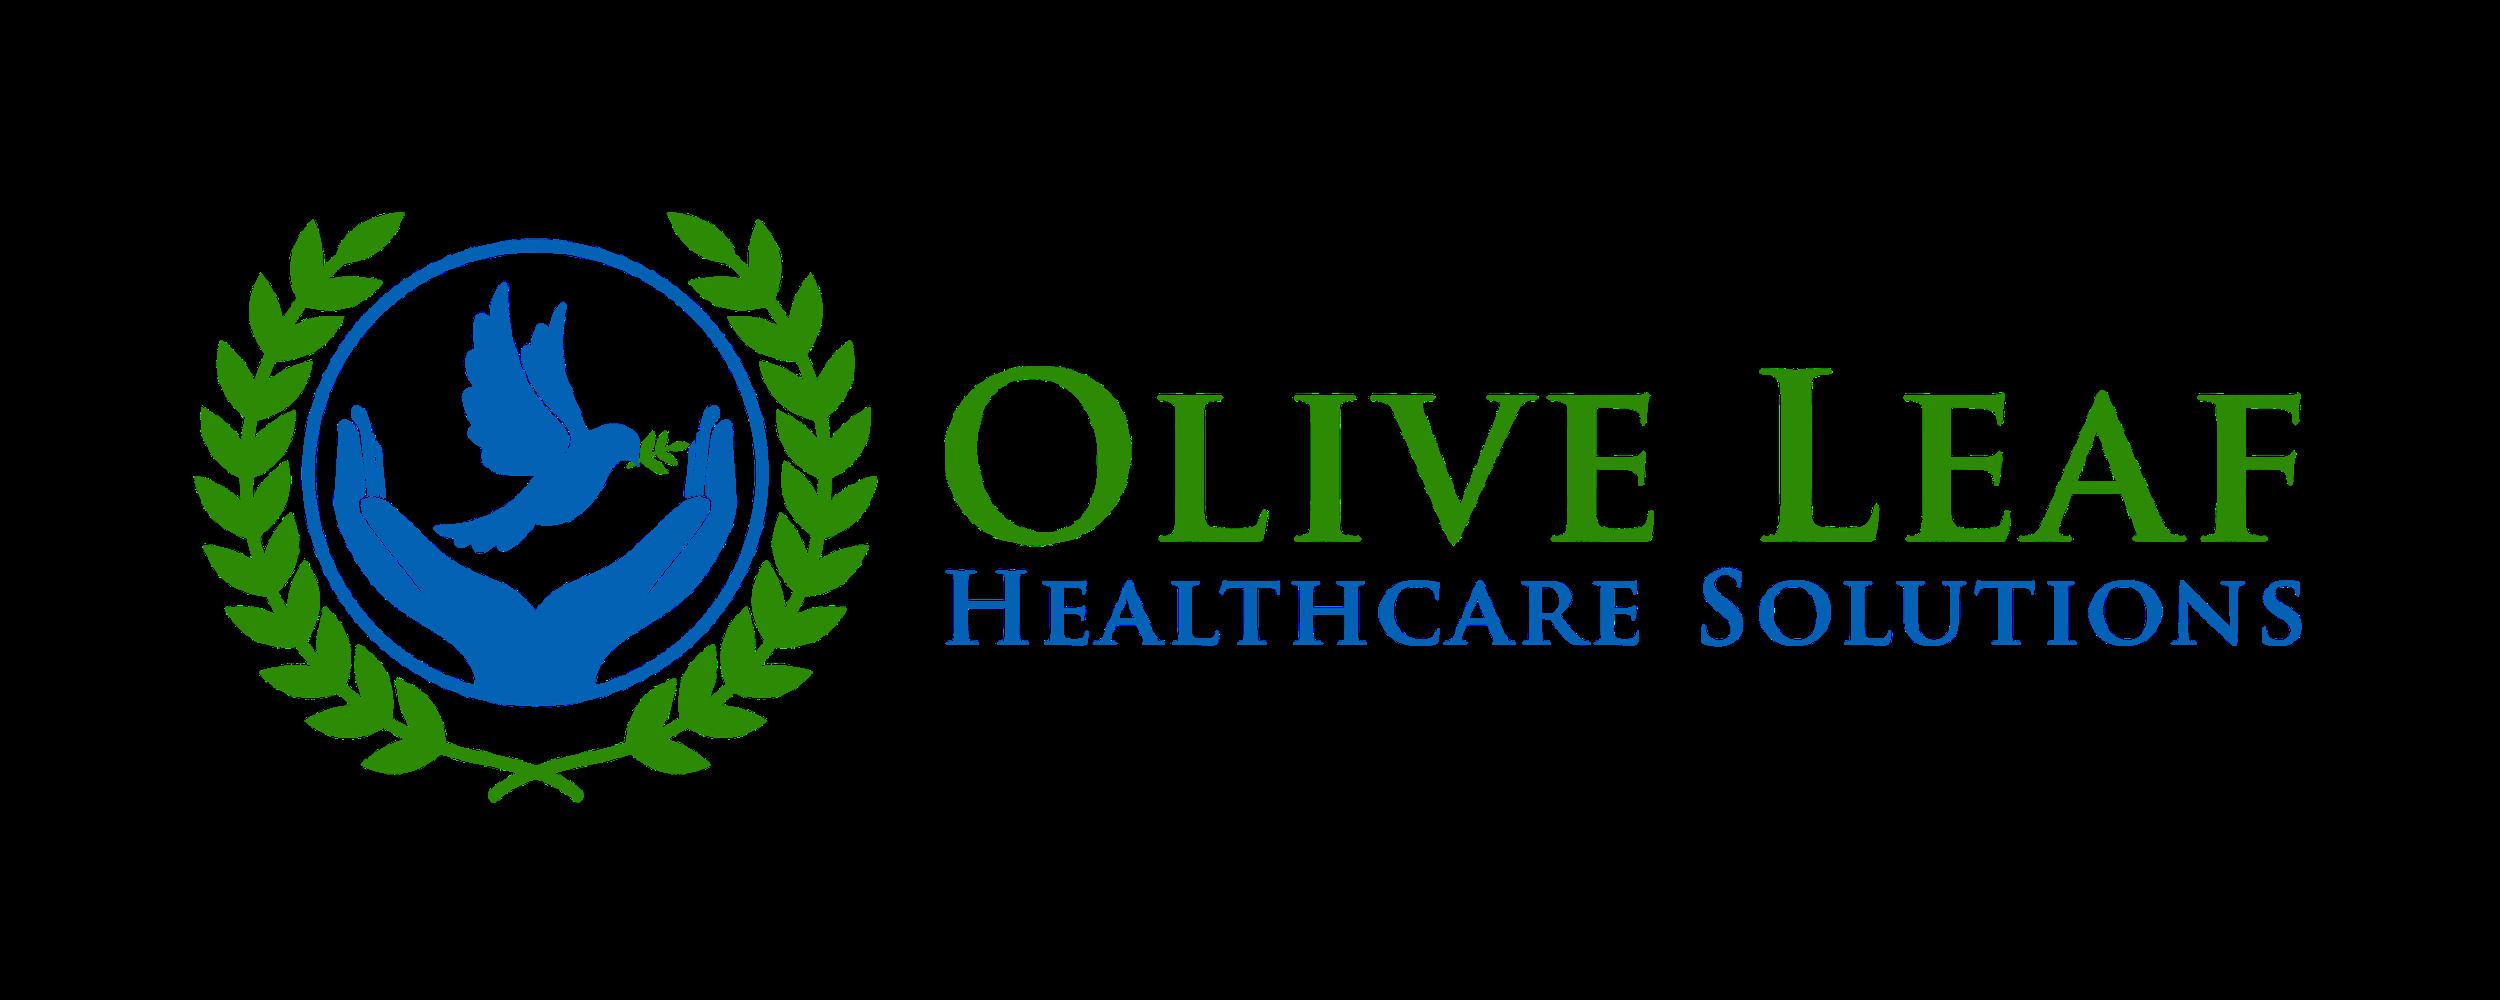 Olive Leaf Healthcare